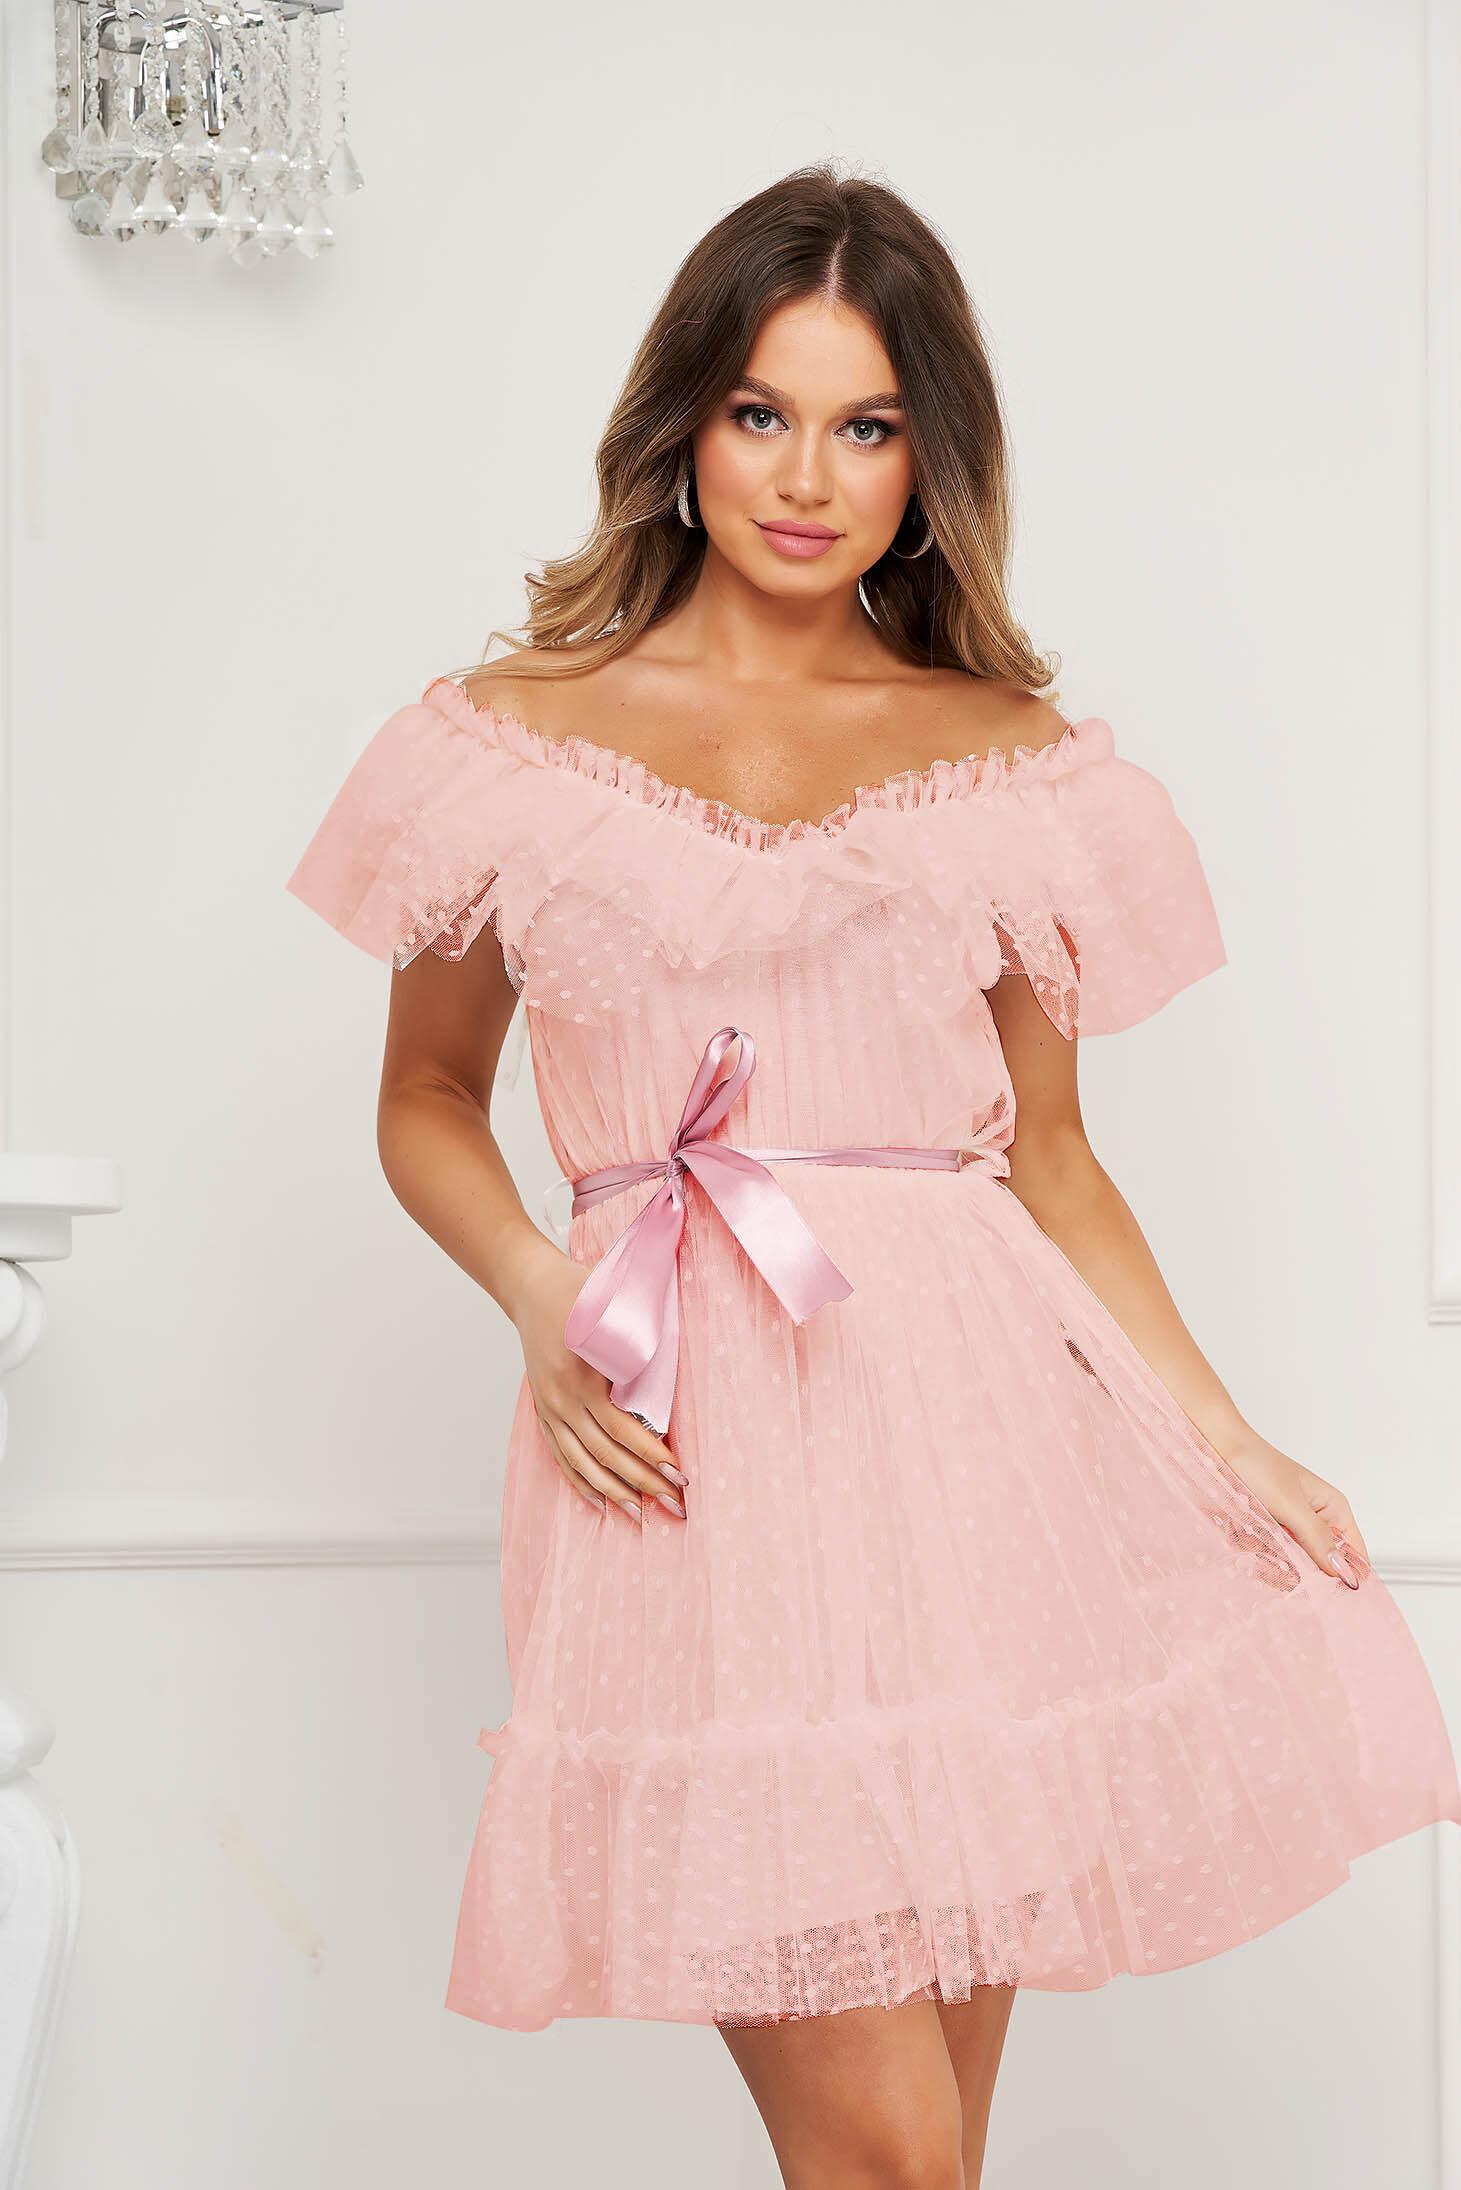 Rochie roz prafuit de ocazie din tul in clos pe umeri cu aplicatii din plumeti accesorizata cu cordon